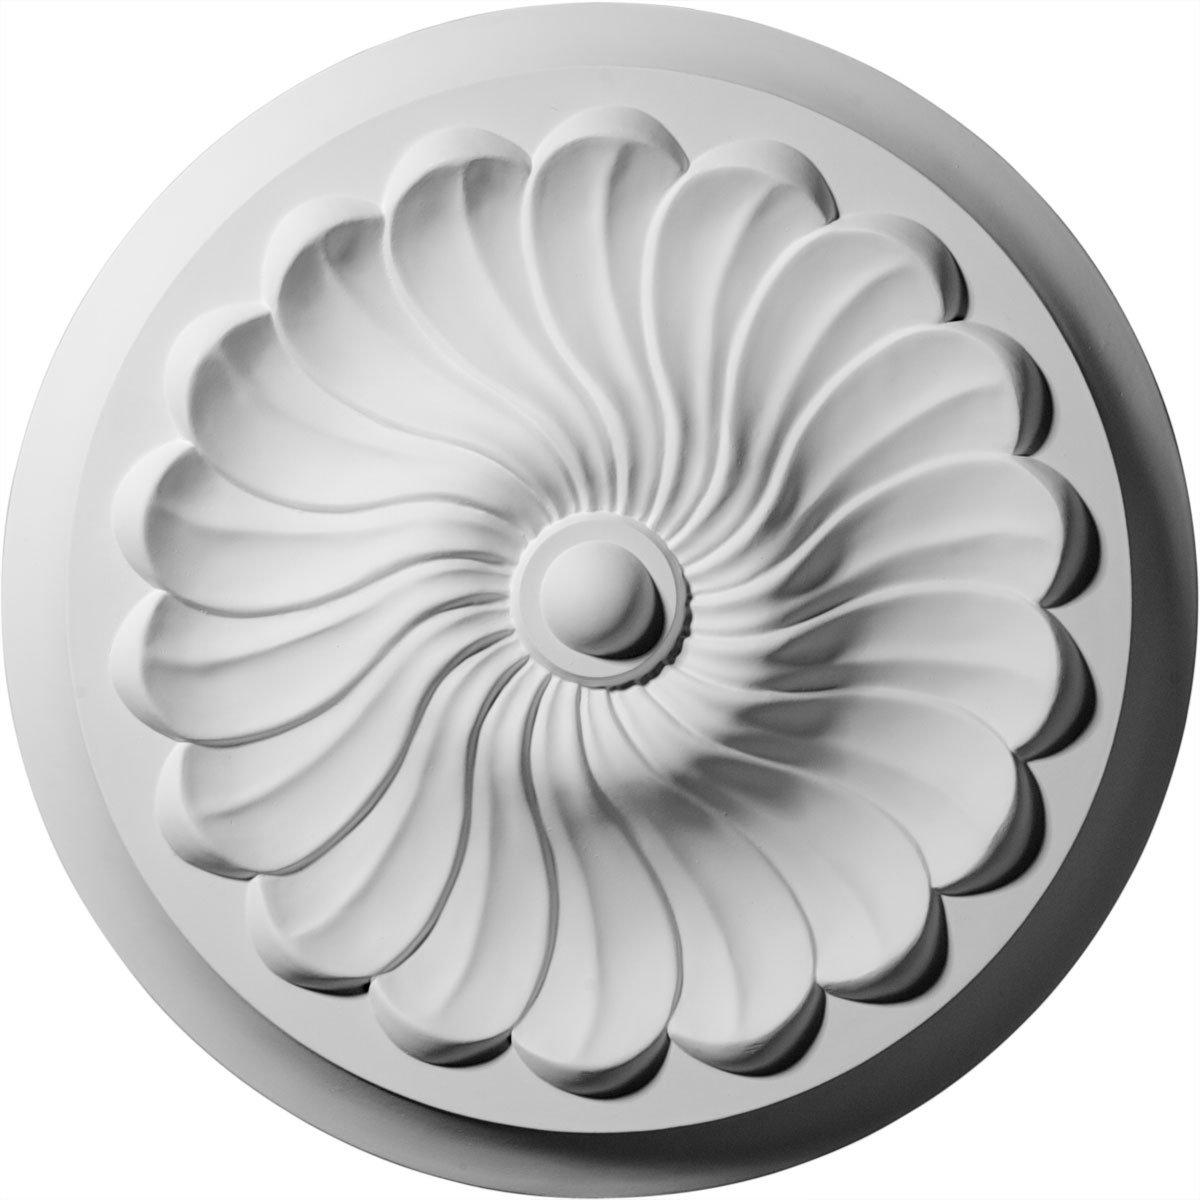 Ekena Millwork CM12FL 12 1/4-Inch OD x 2 1/4-Inch Flower Spiral Ceiling Medallion